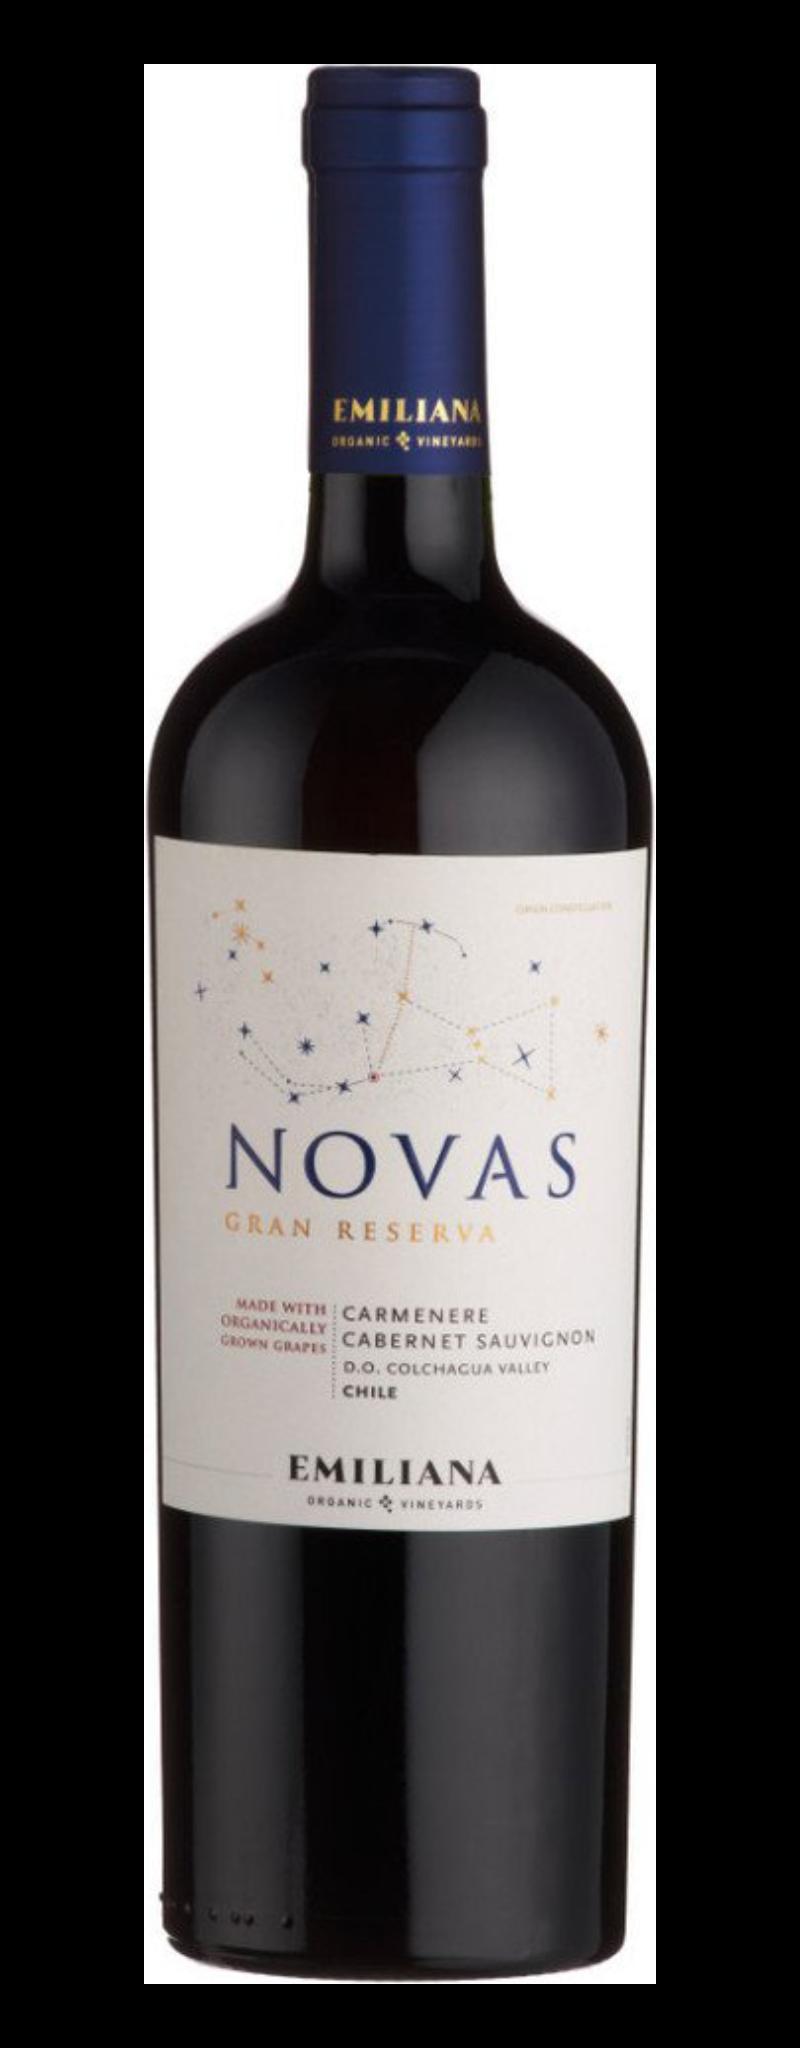 Novas Gran Reserva Carmenere Cabernet Sauvignon  - 750ml